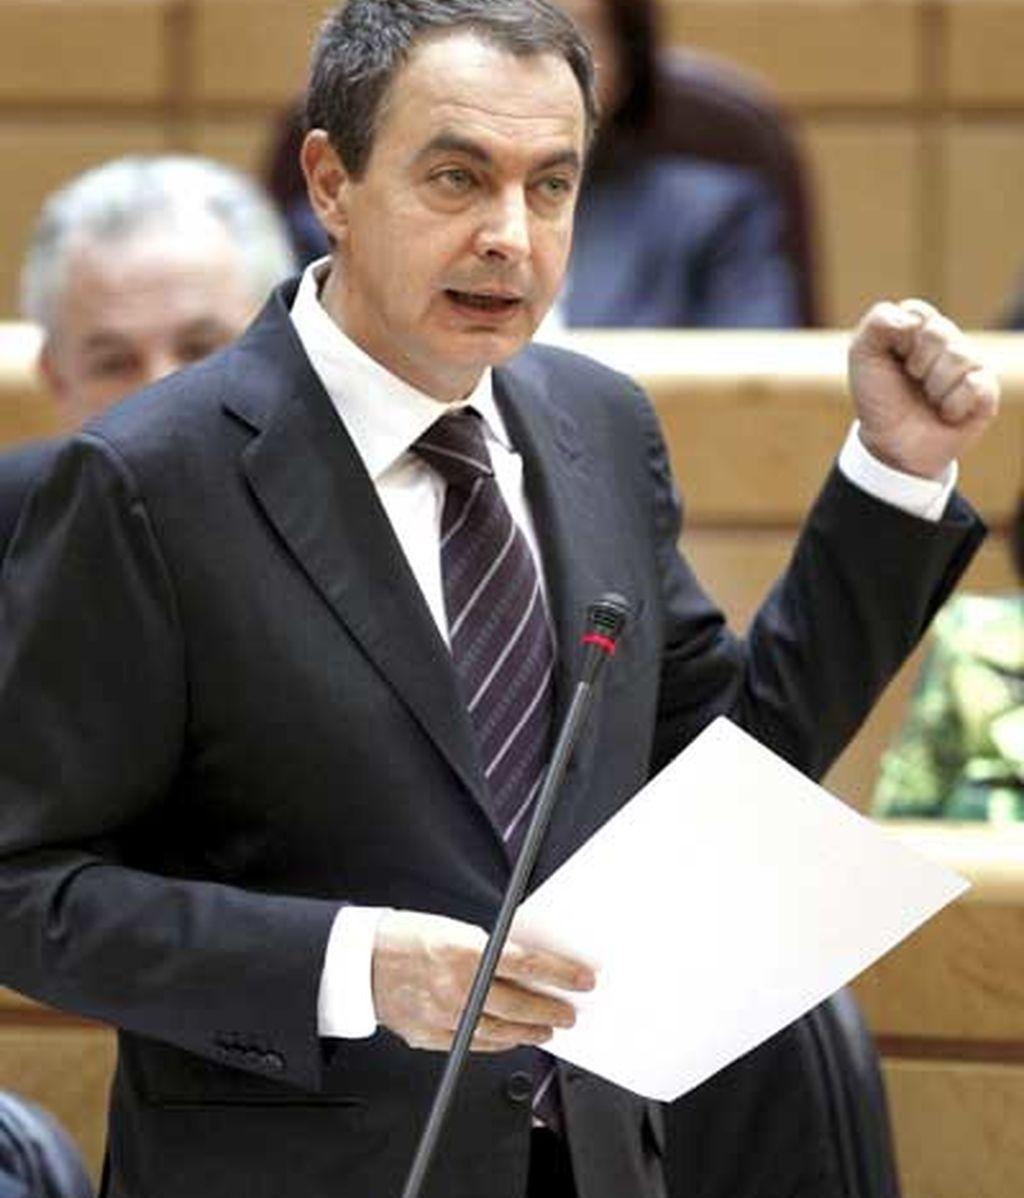 Gobierno y PP siguen sin estar de acuerdo en cómo llamar a los problemas económicos del país. Vídeo: Informativos Telecinco